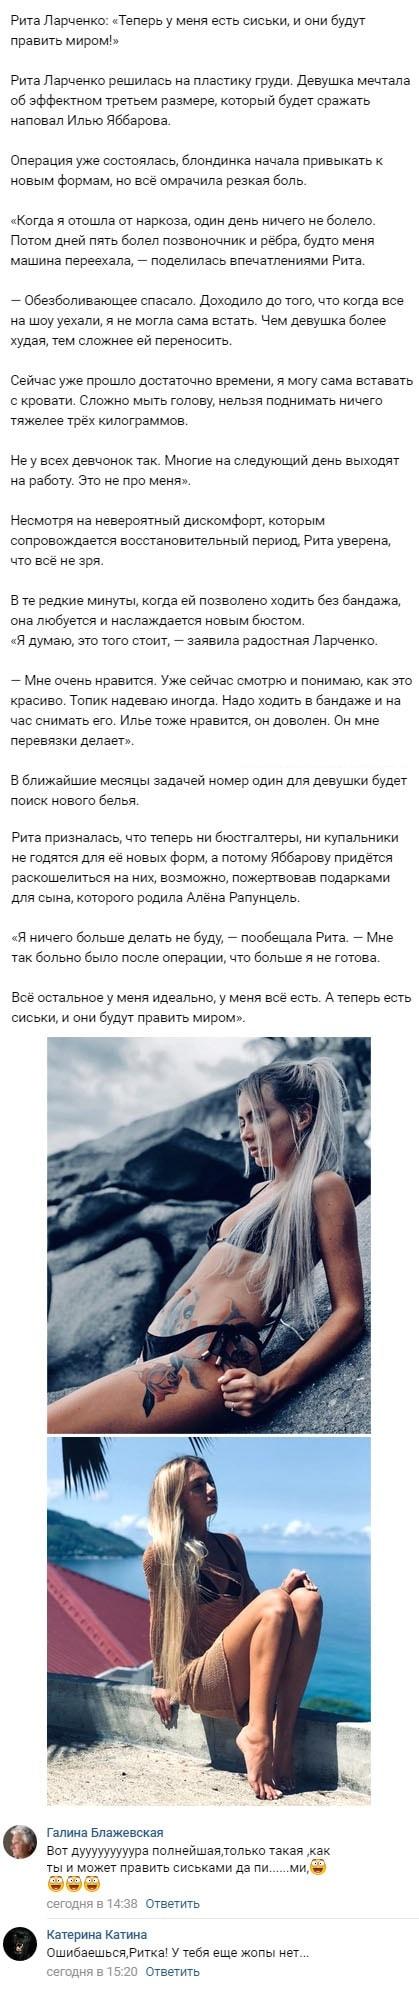 Маргарита Ларченко рассказала об ужасах перенесенной операции